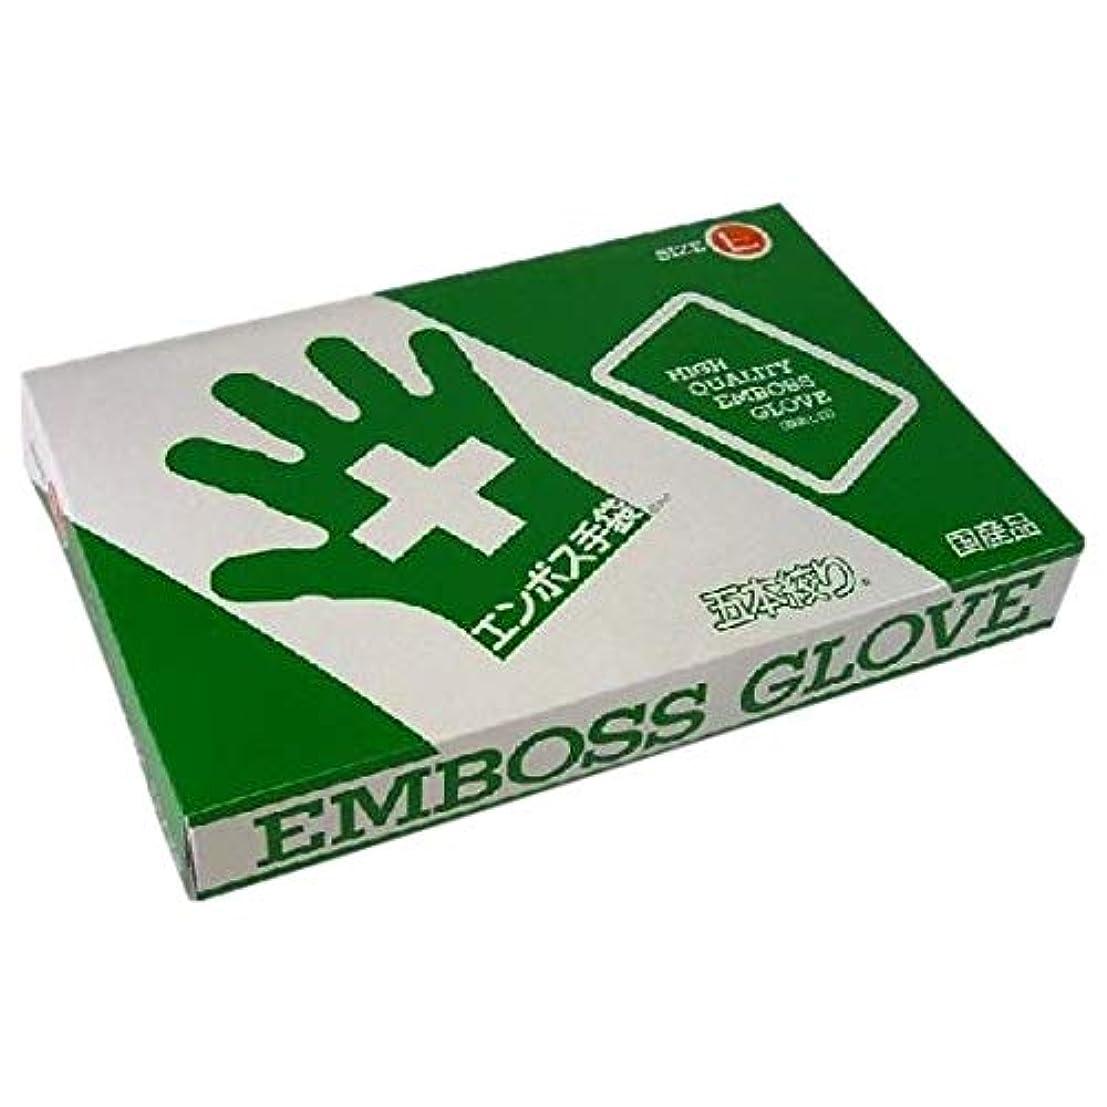 構築する見分ける急ぐエンボス手袋 5本絞り(使い捨て手袋国産品) 東京パック L 200枚入